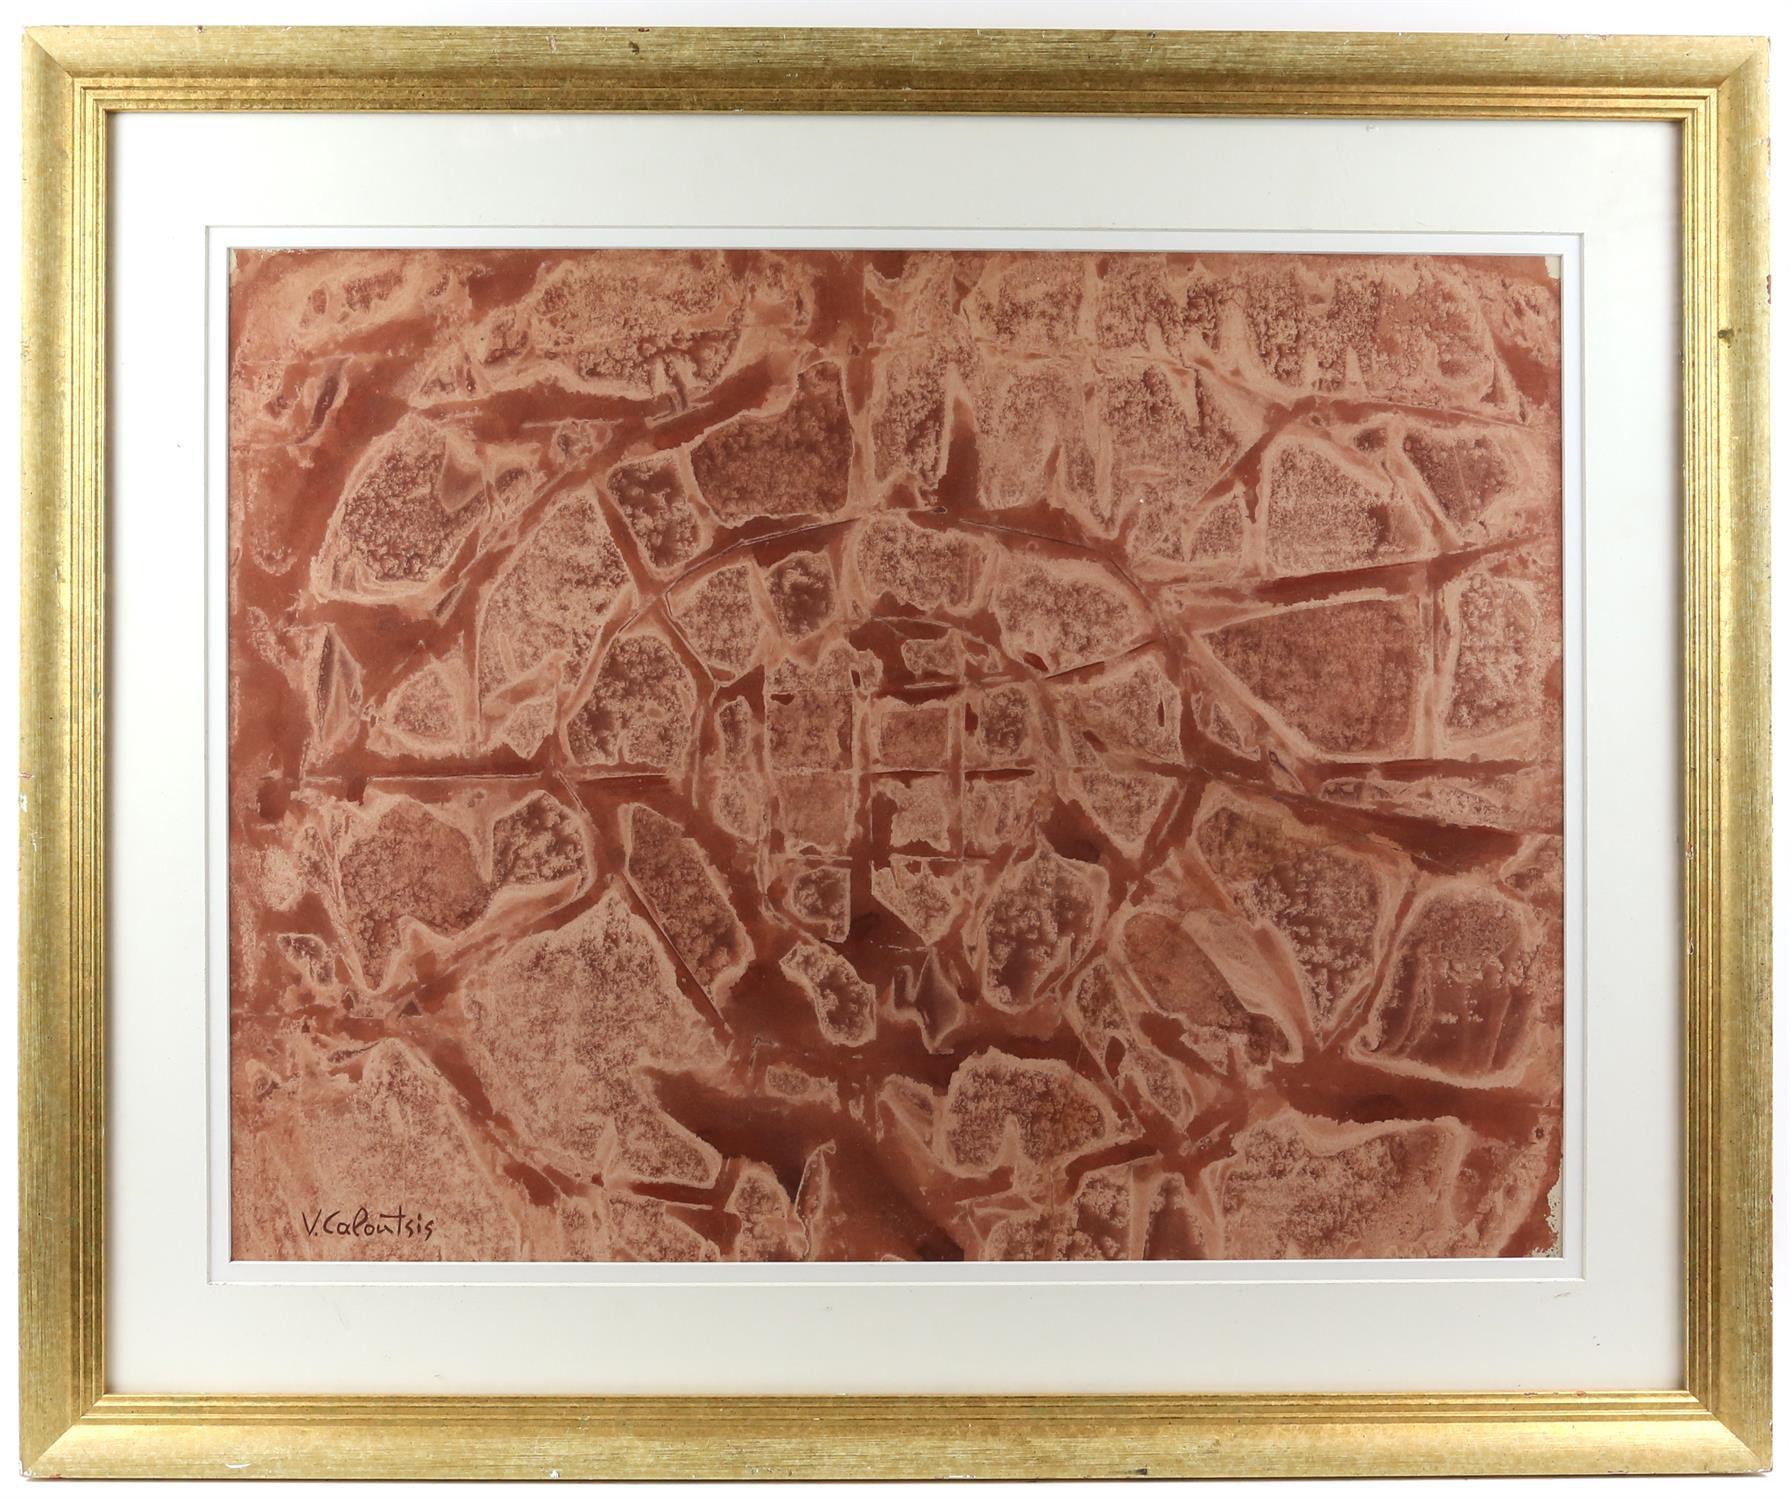 Valerios Caloustis (Greek, 1927-2004), untitled, watercolour, 53cm x 69.5cm, - Image 2 of 4